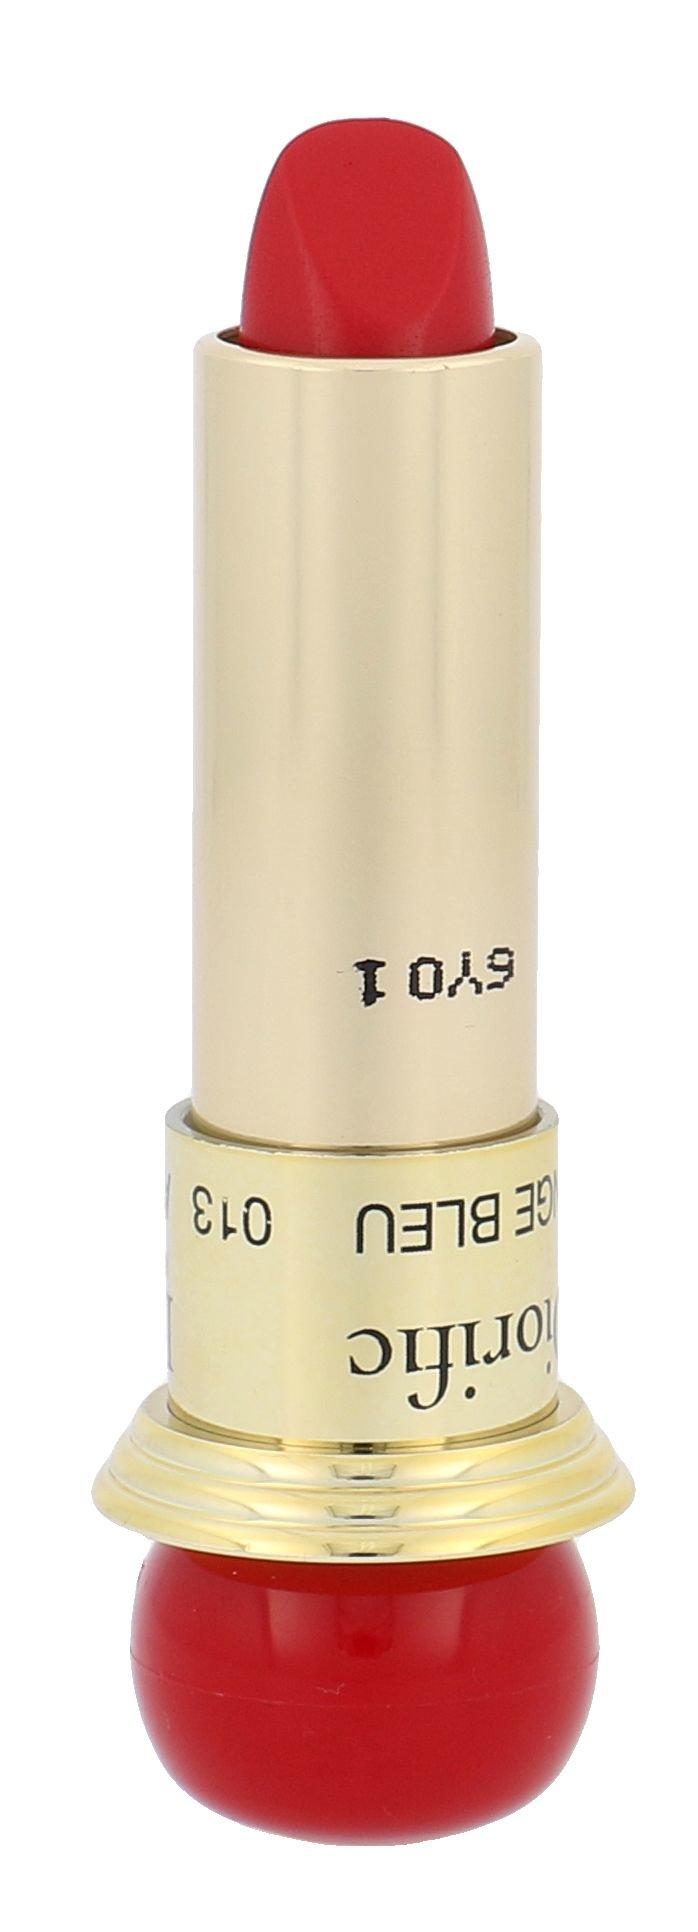 Christian Dior Diorific Cosmetic 3,5ml 014 Dolce Vita